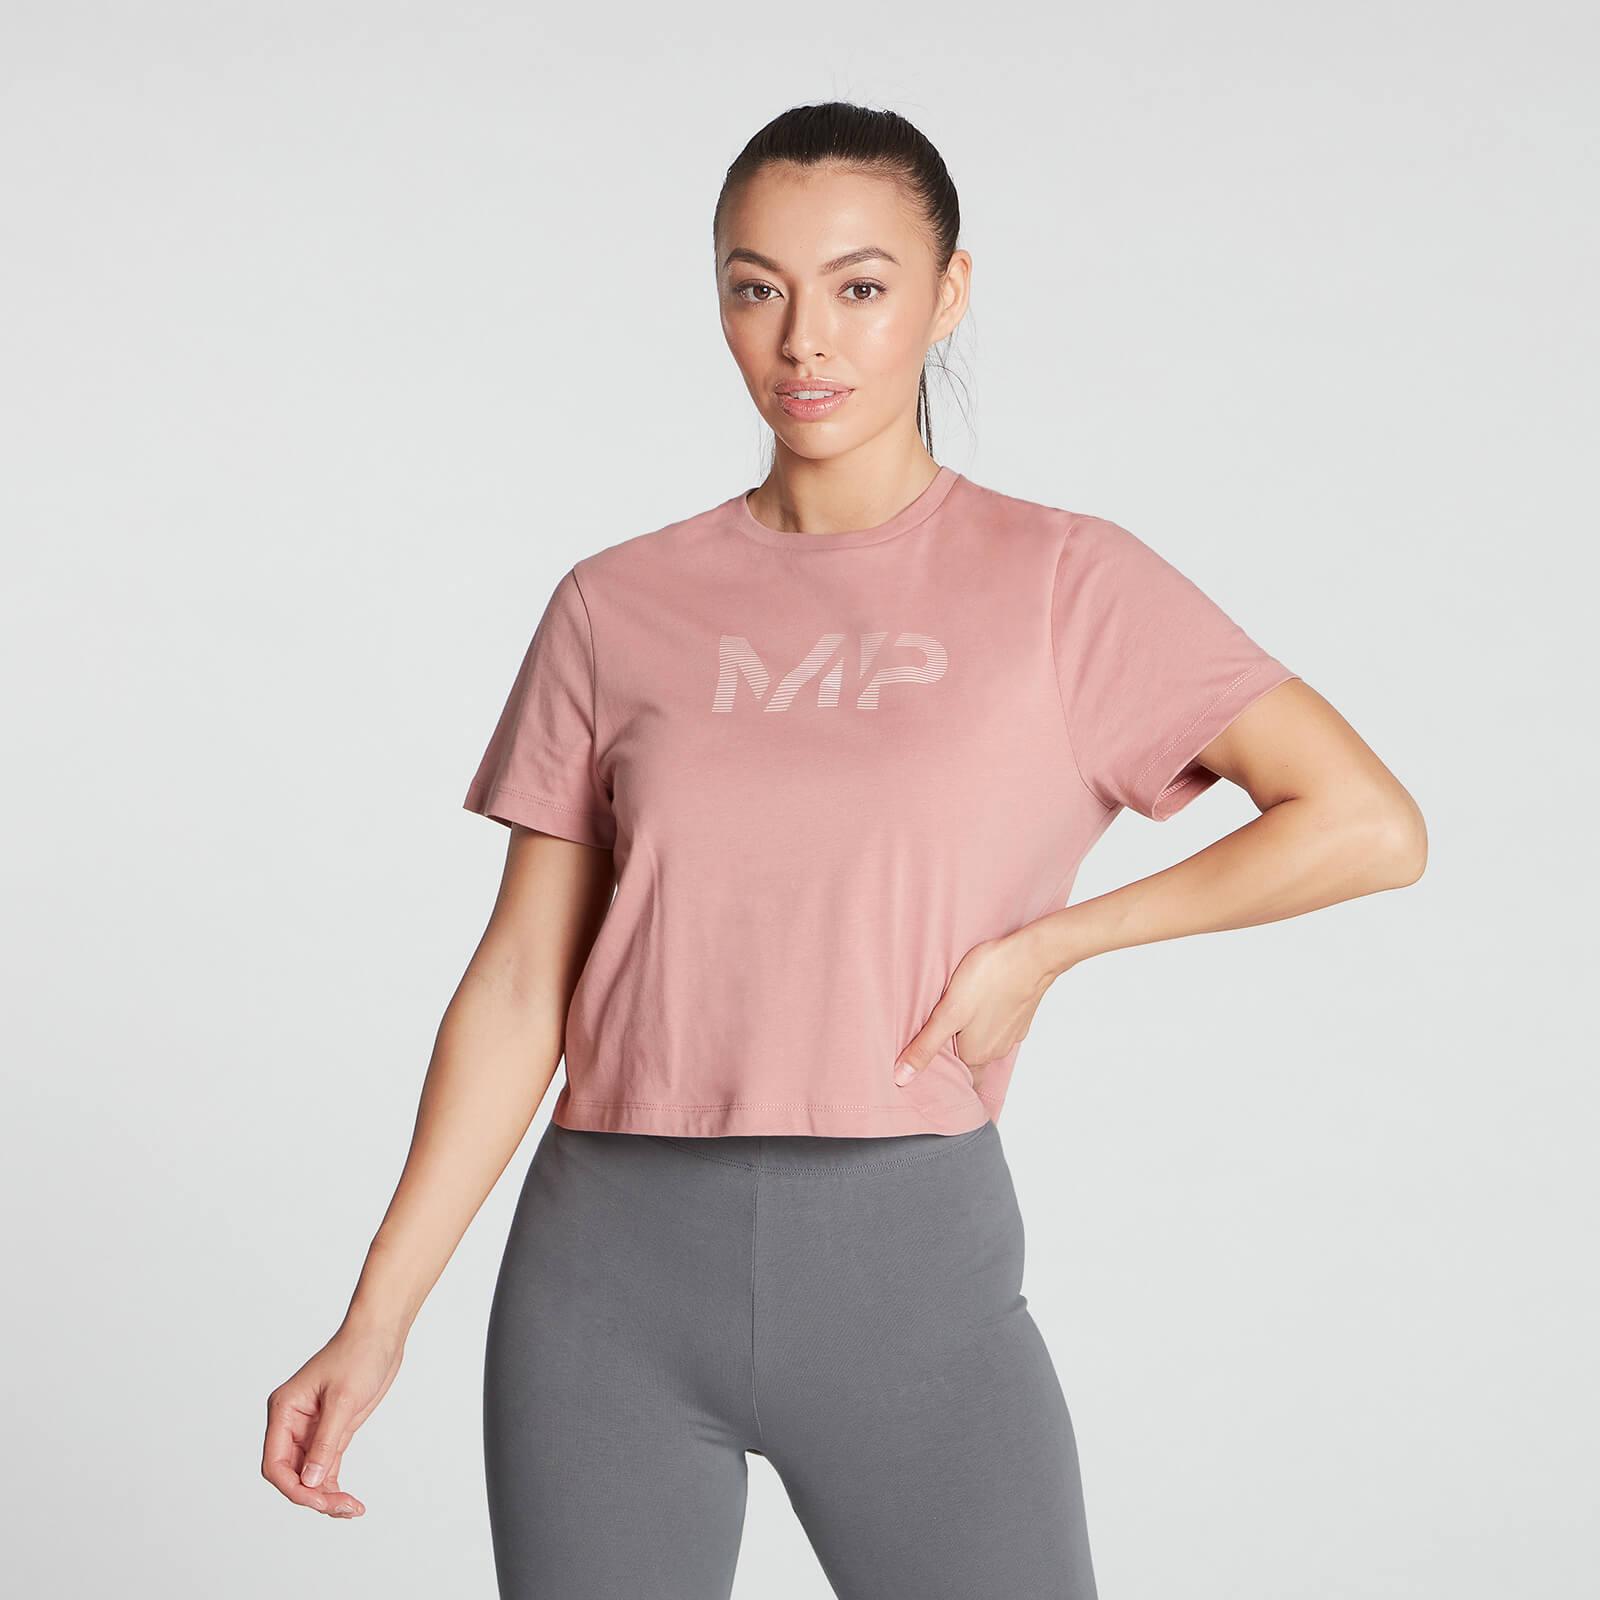 Купить MP Women's Gradient Line Graphic Crop T-shirt- Pink - XXL, Myprotein International